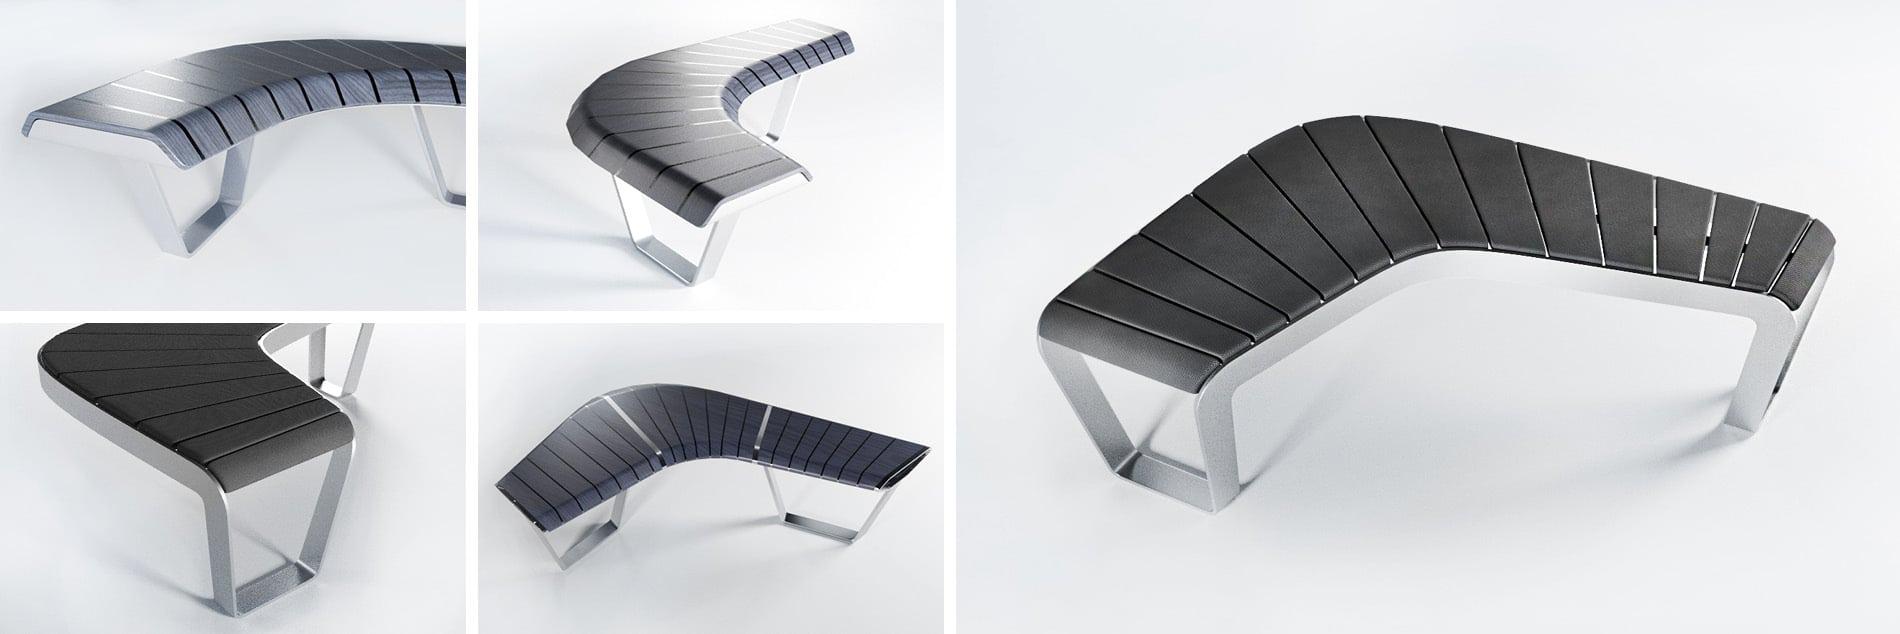 Produktdesign einer geschwungenen Sitzbank